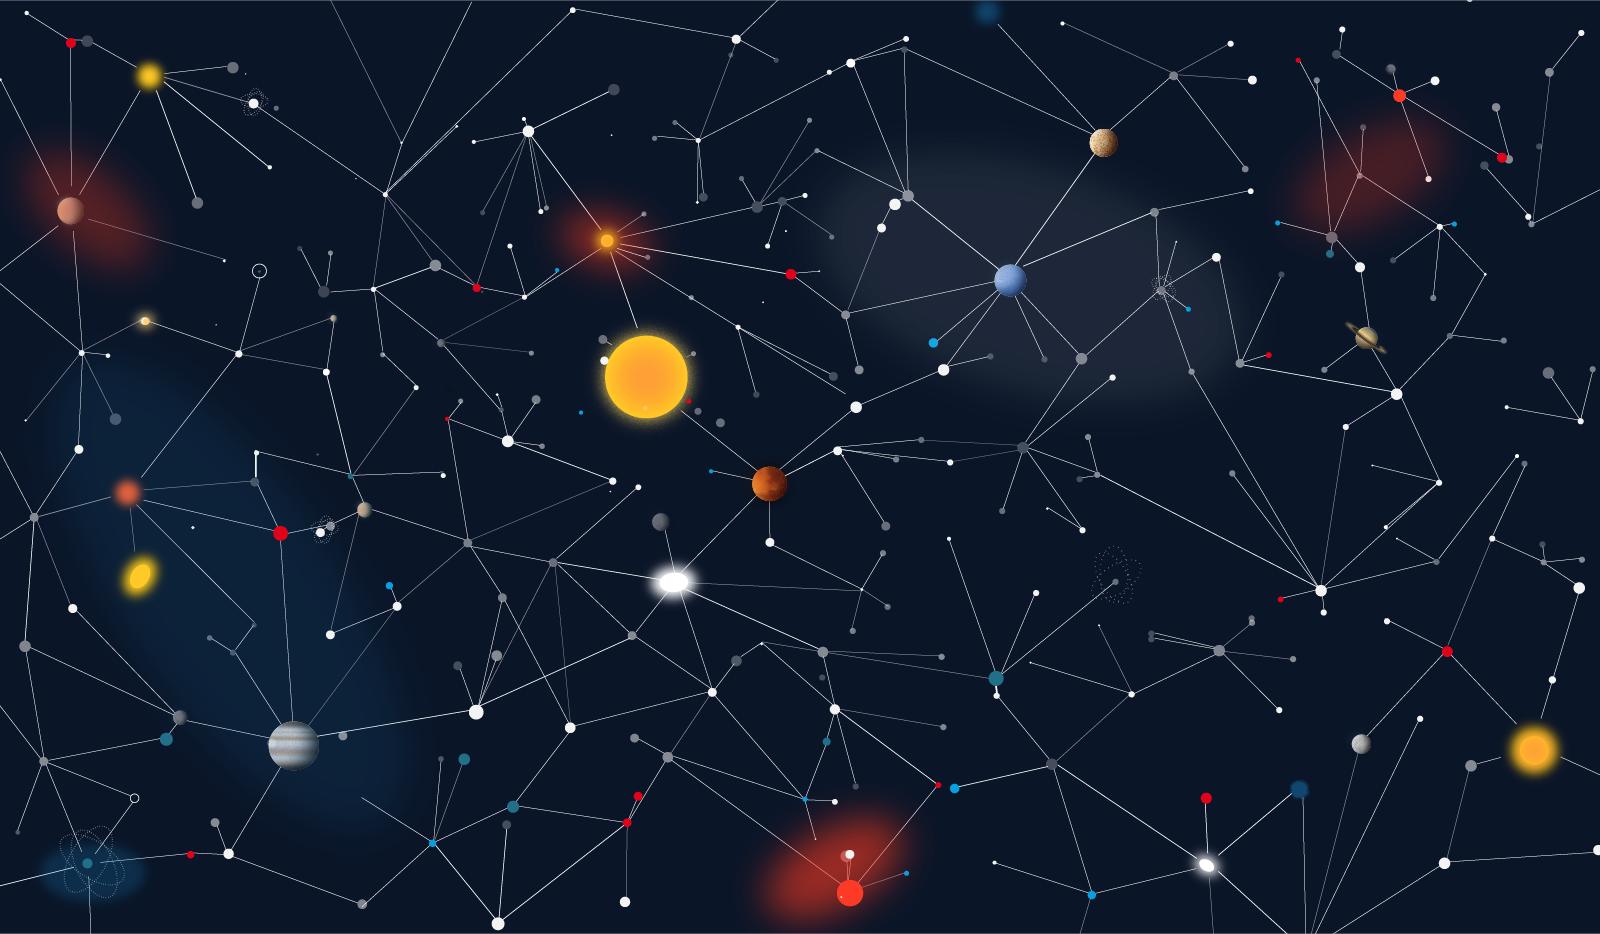 Как Яндекс научил искусственный интеллект понимать смысл документов - 1